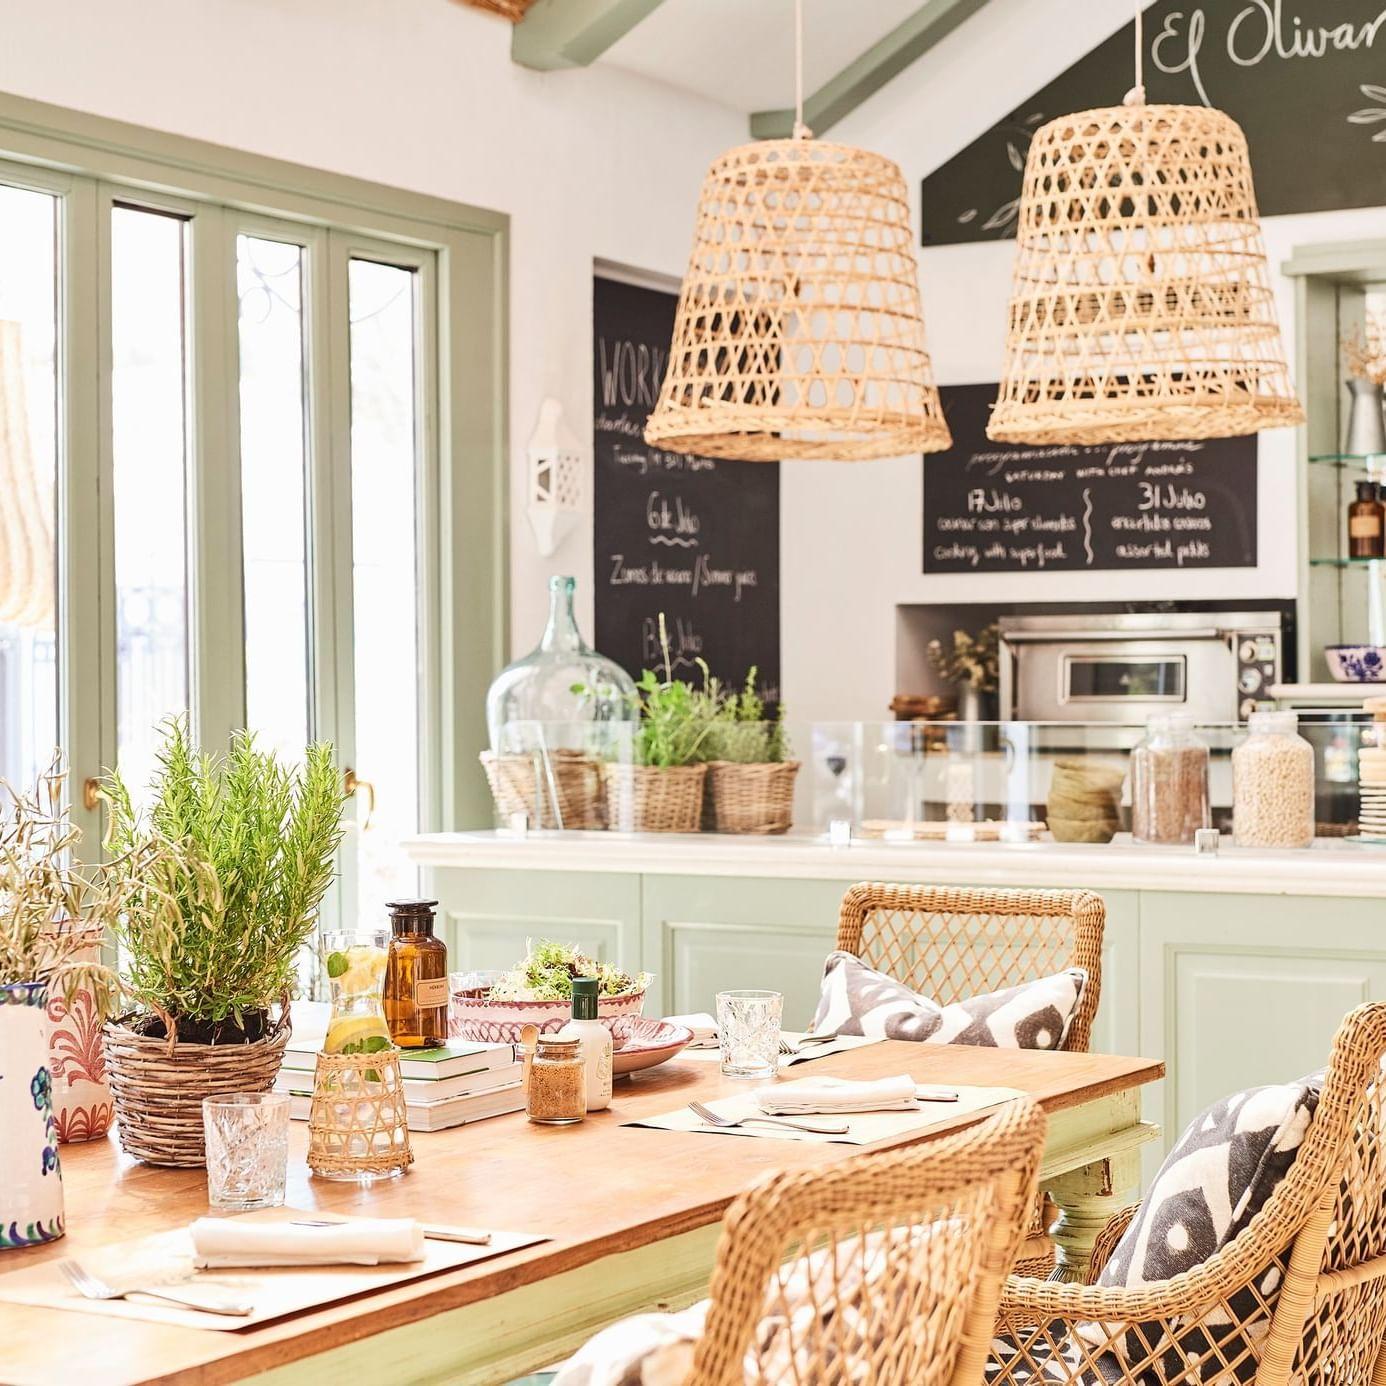 Actividades de nutrición saludable en El Olivar de Marbella Club